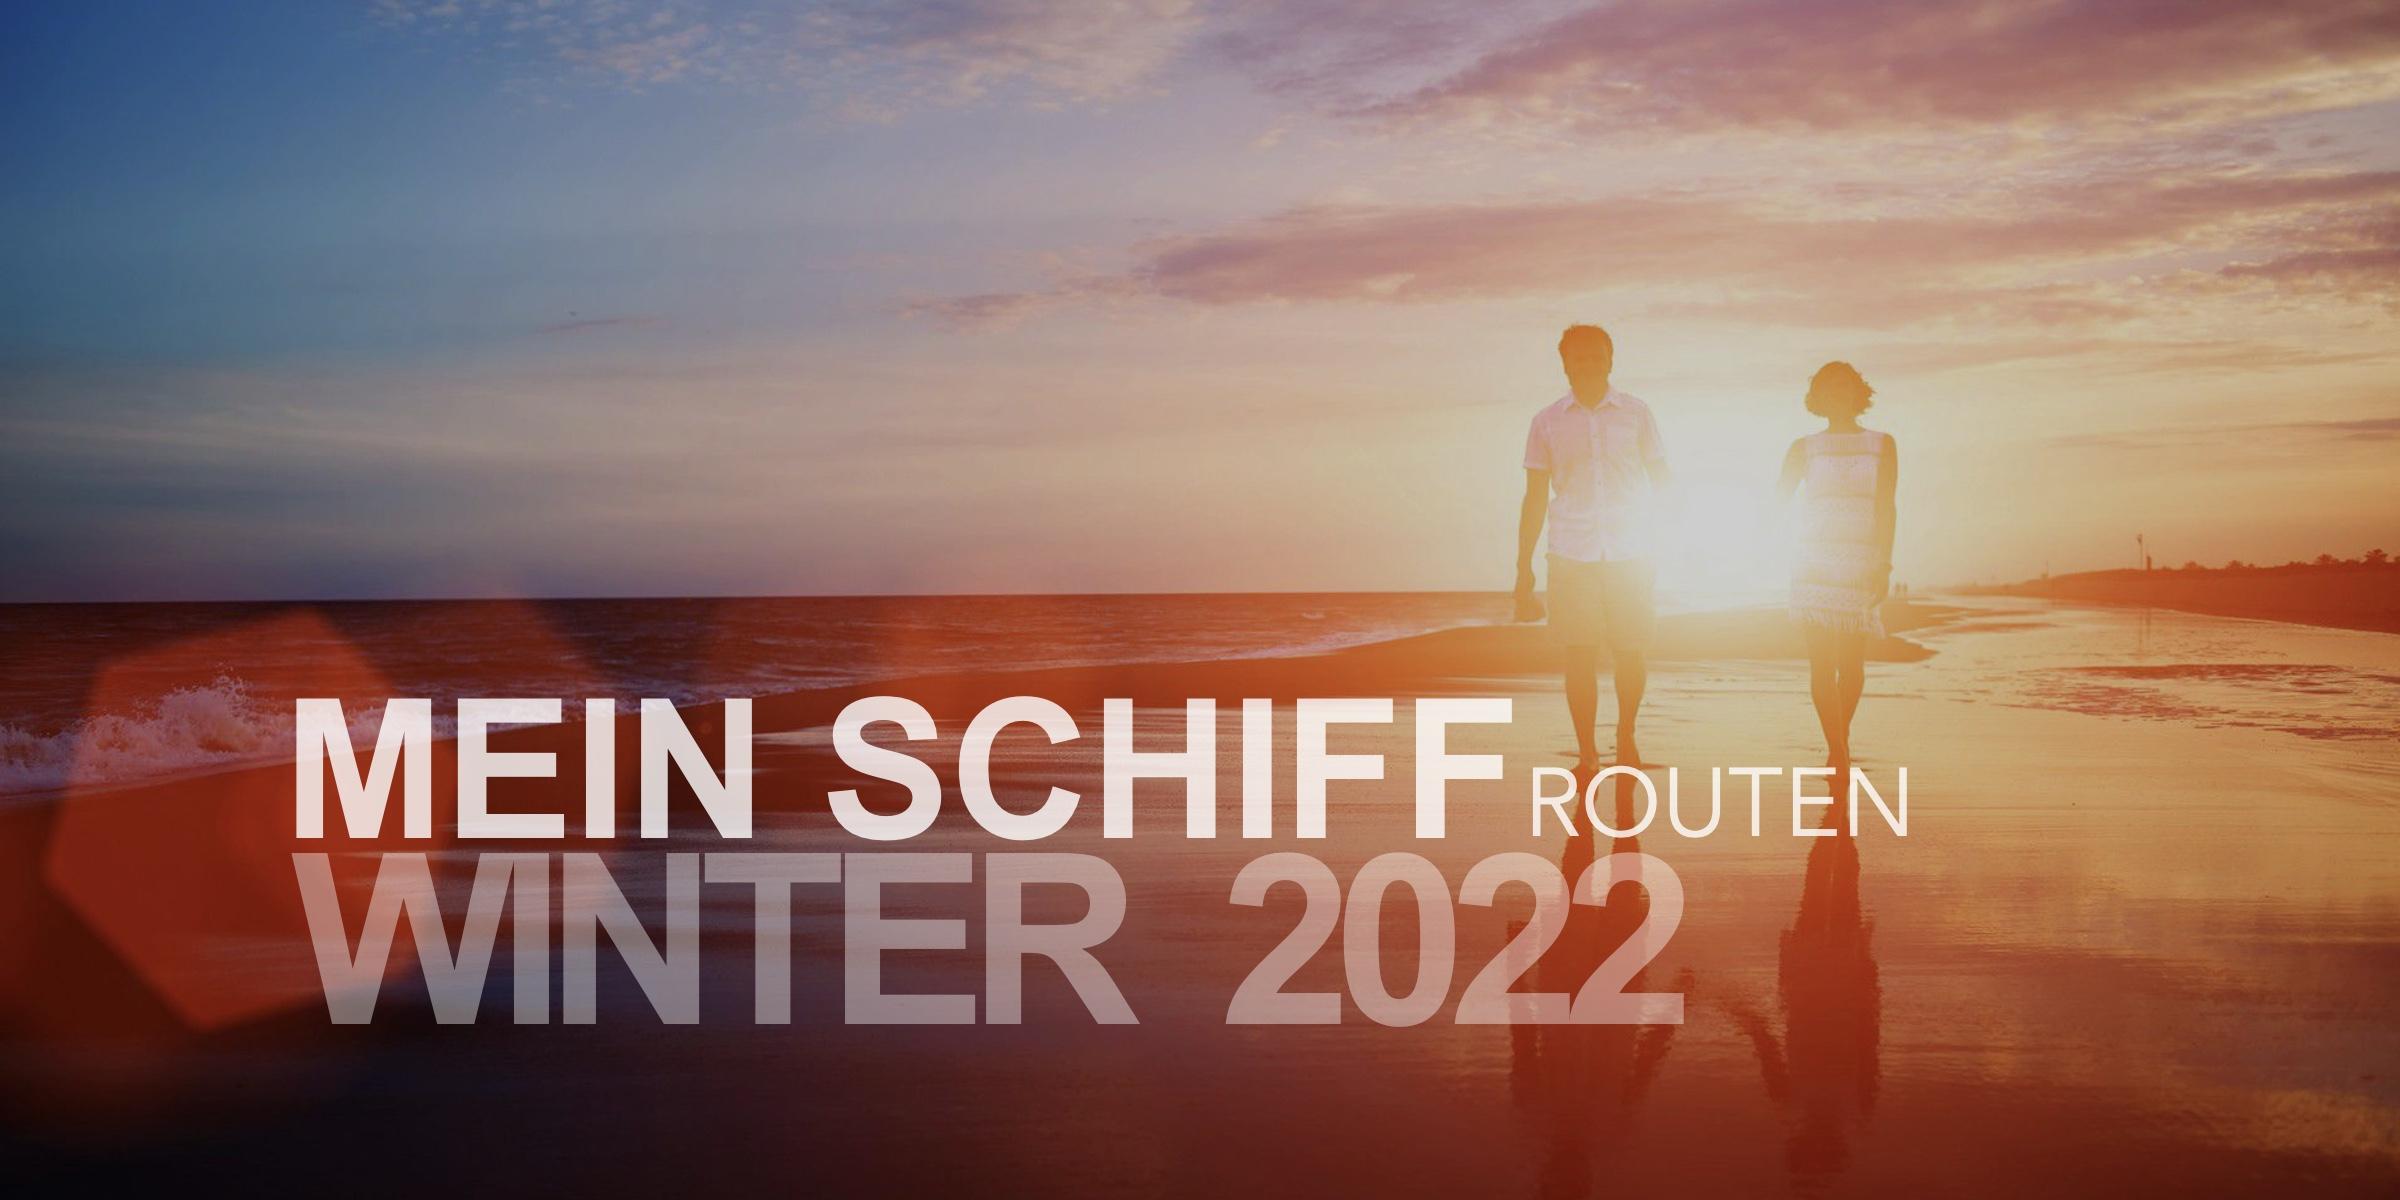 mein schiff routen winter 2022